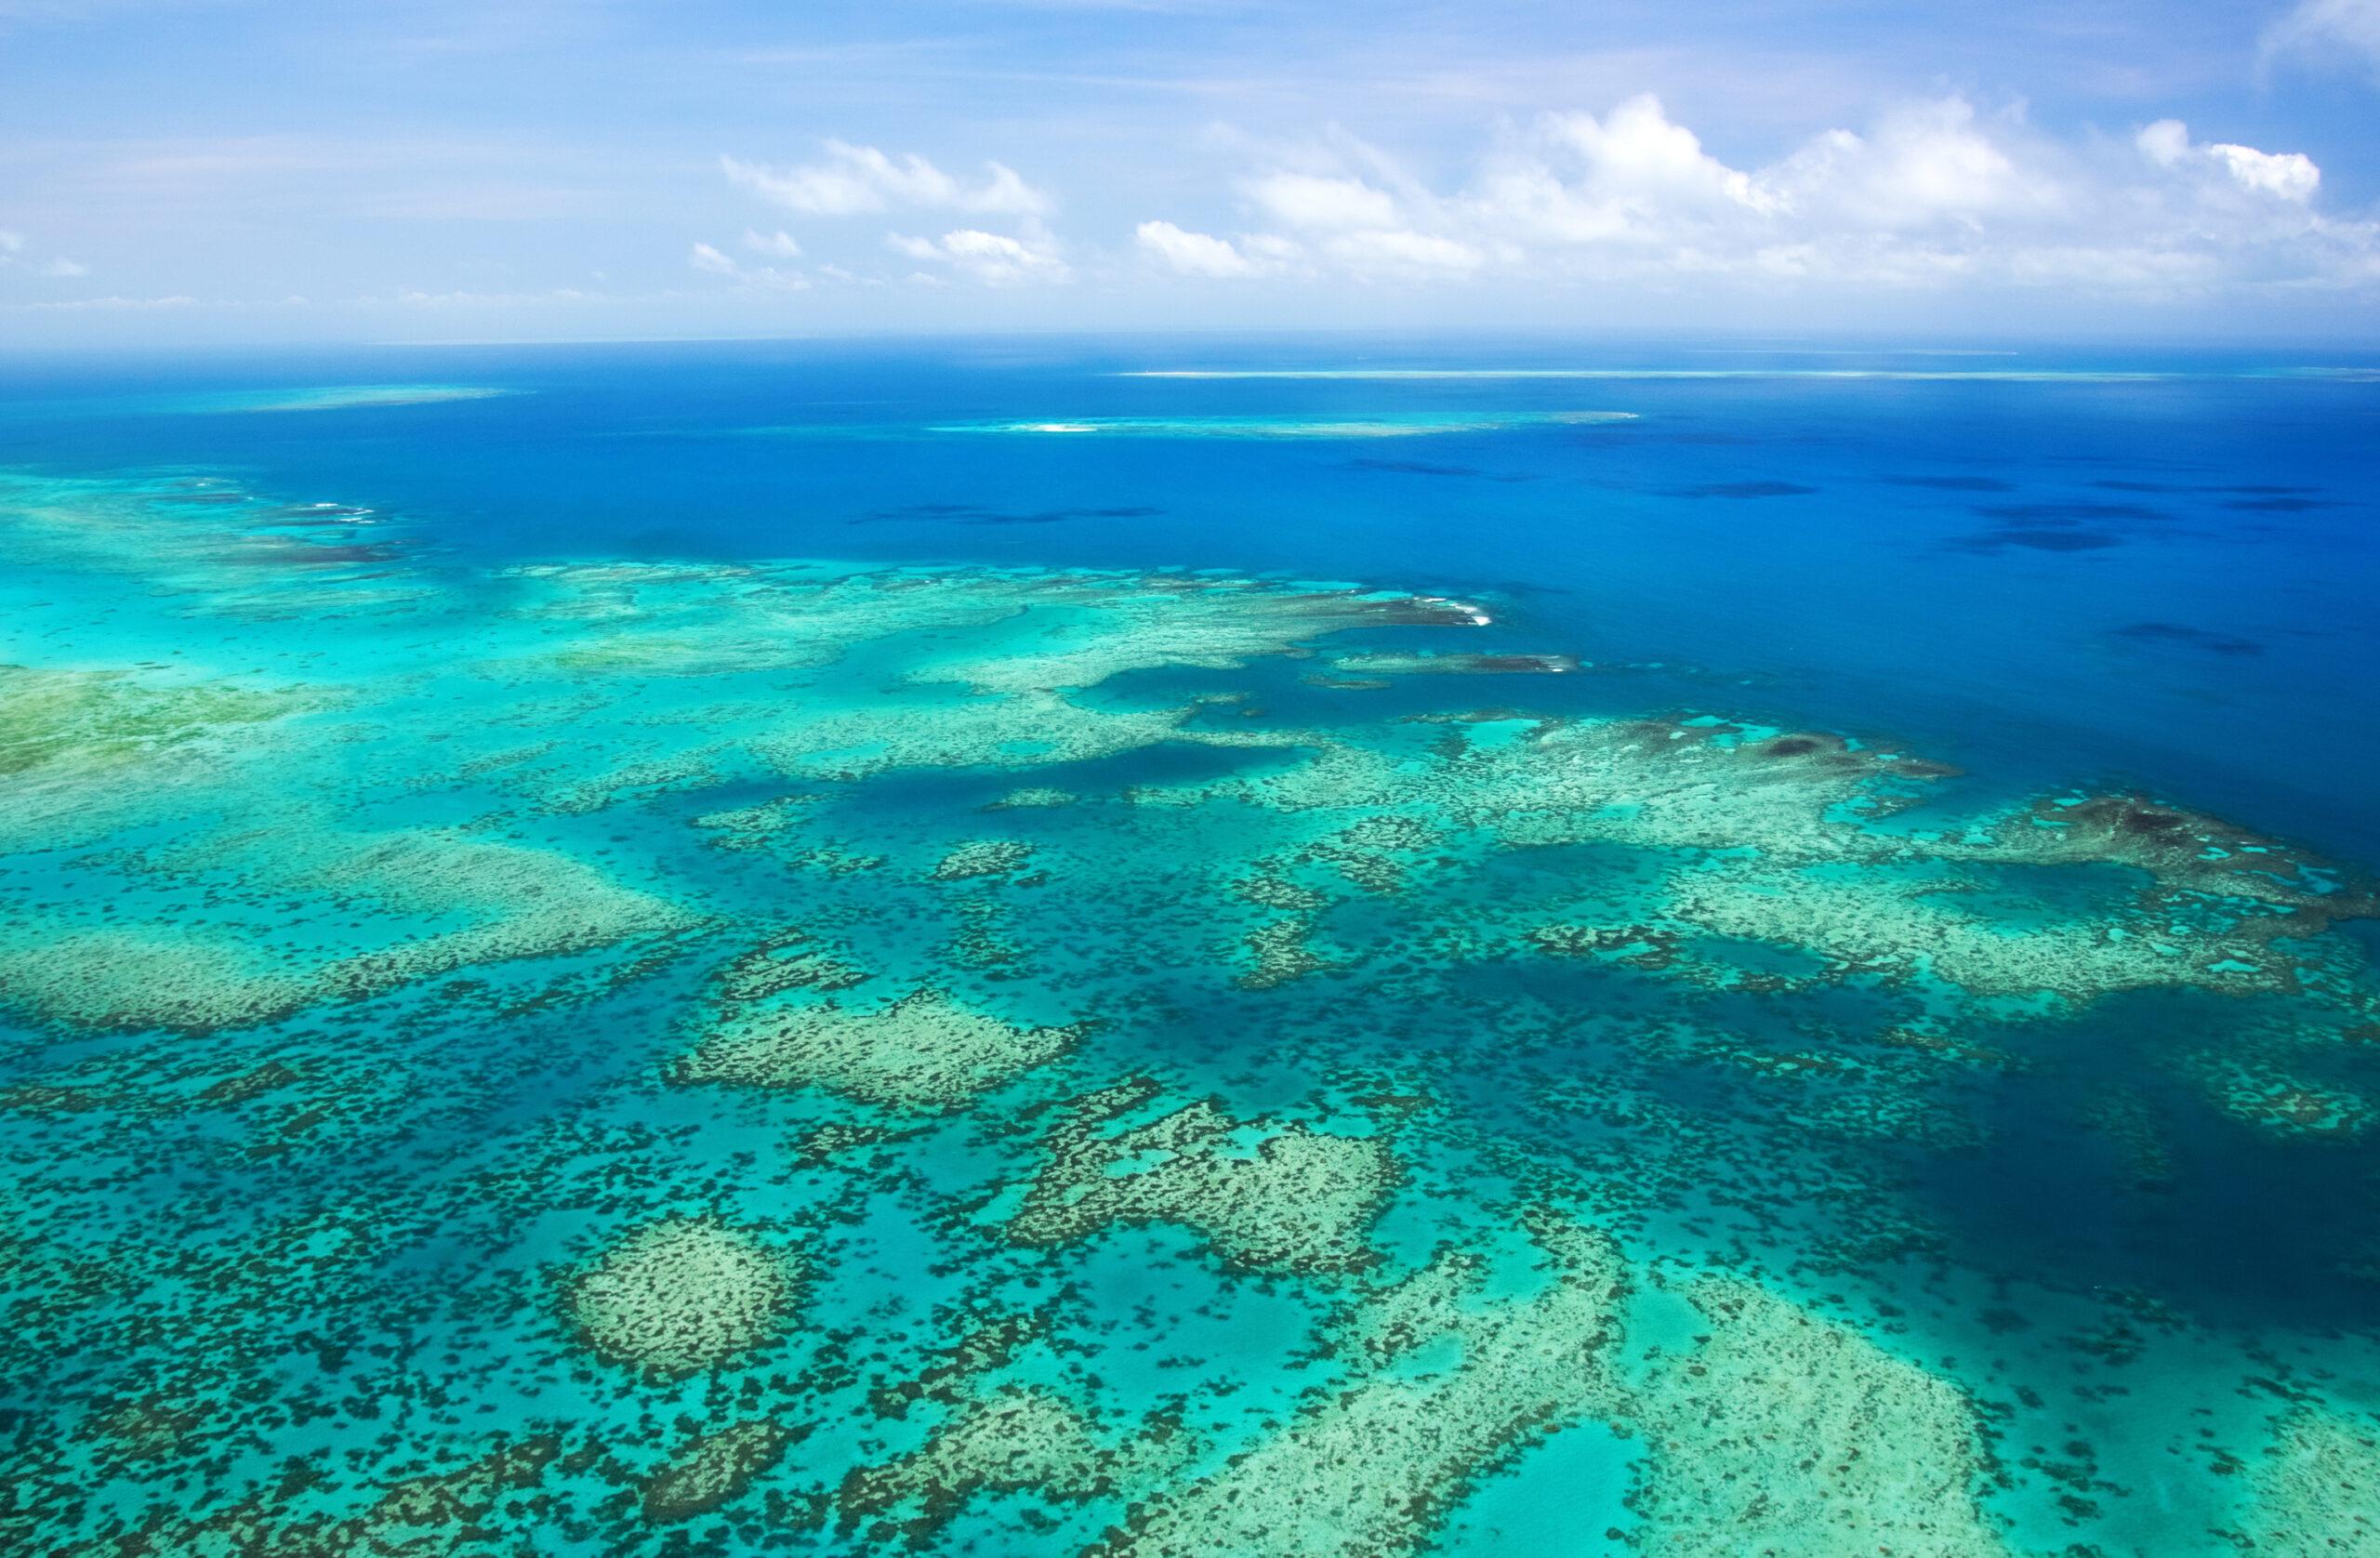 Большой барьерный риф исключили из списка объектов, которым грозит уничтожение.Вокруг Света. Украина